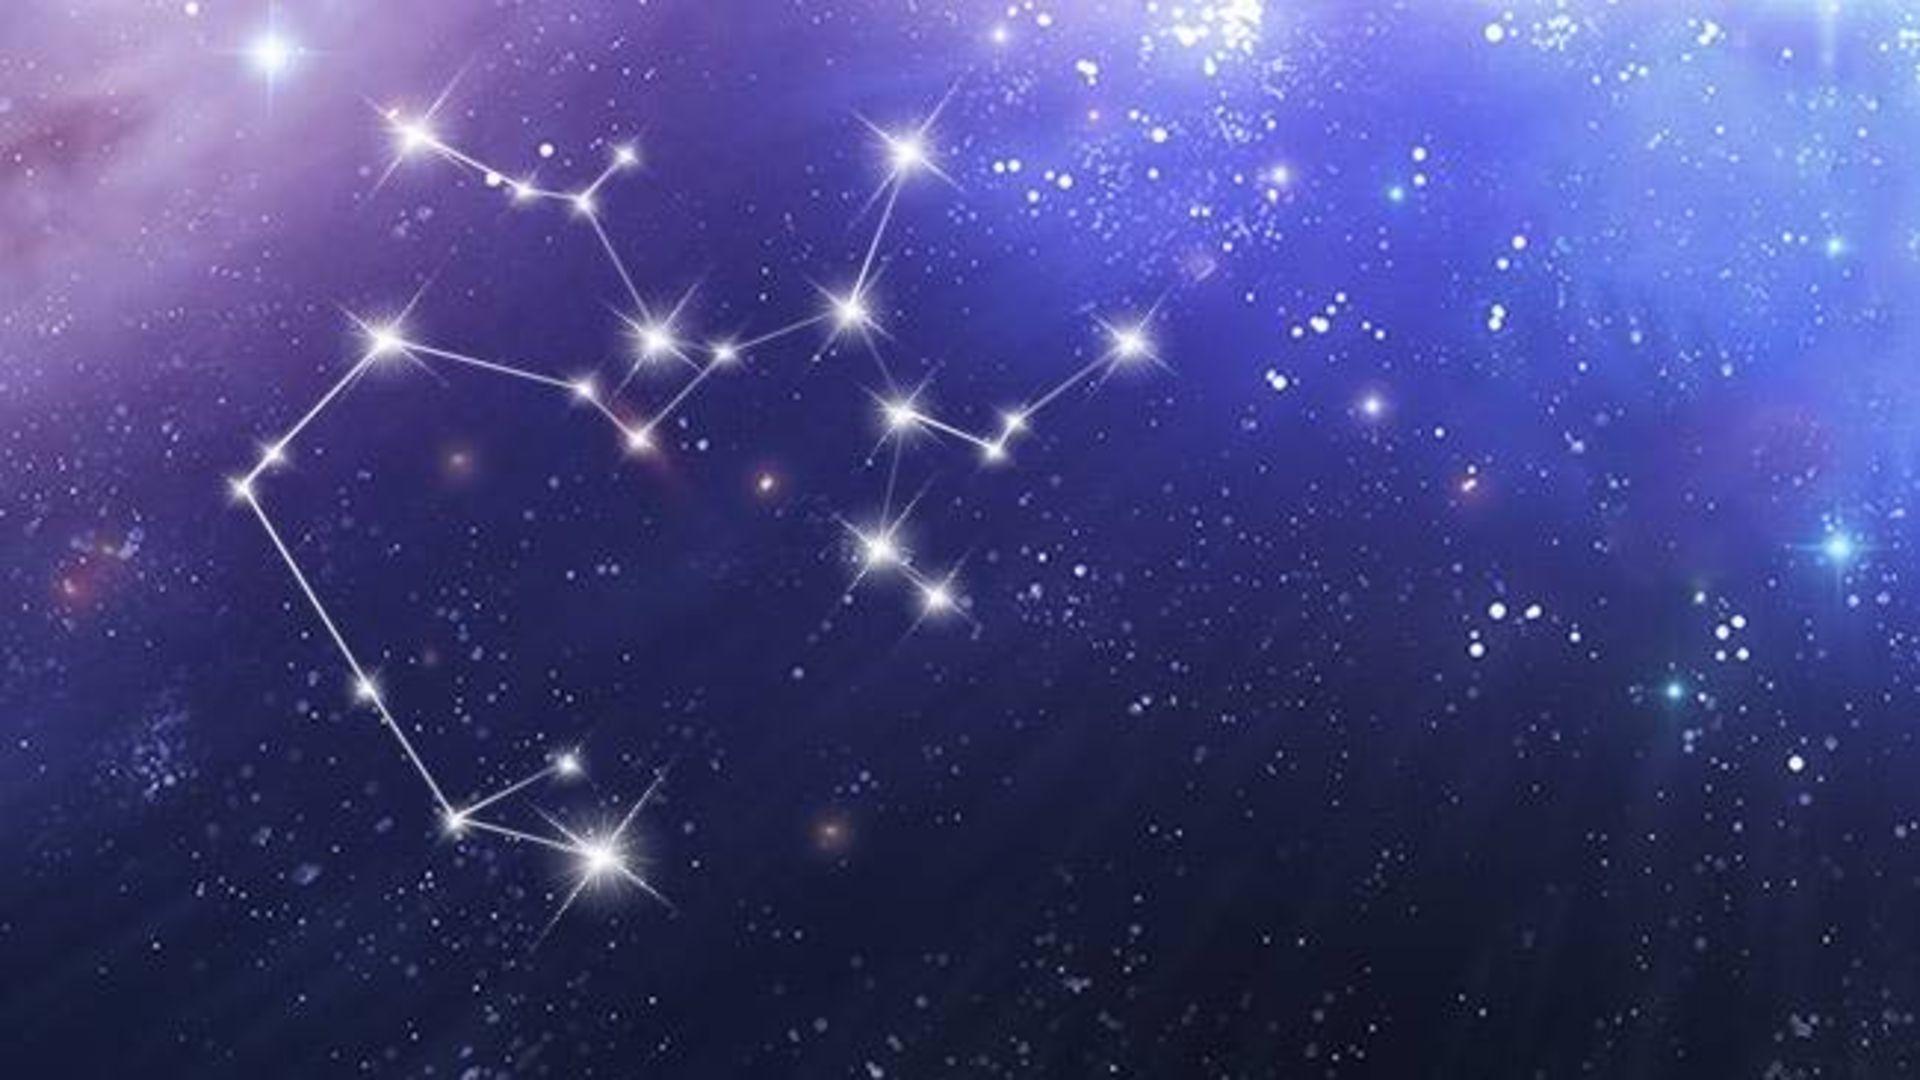 созвездие стрелец картинки подтяжка